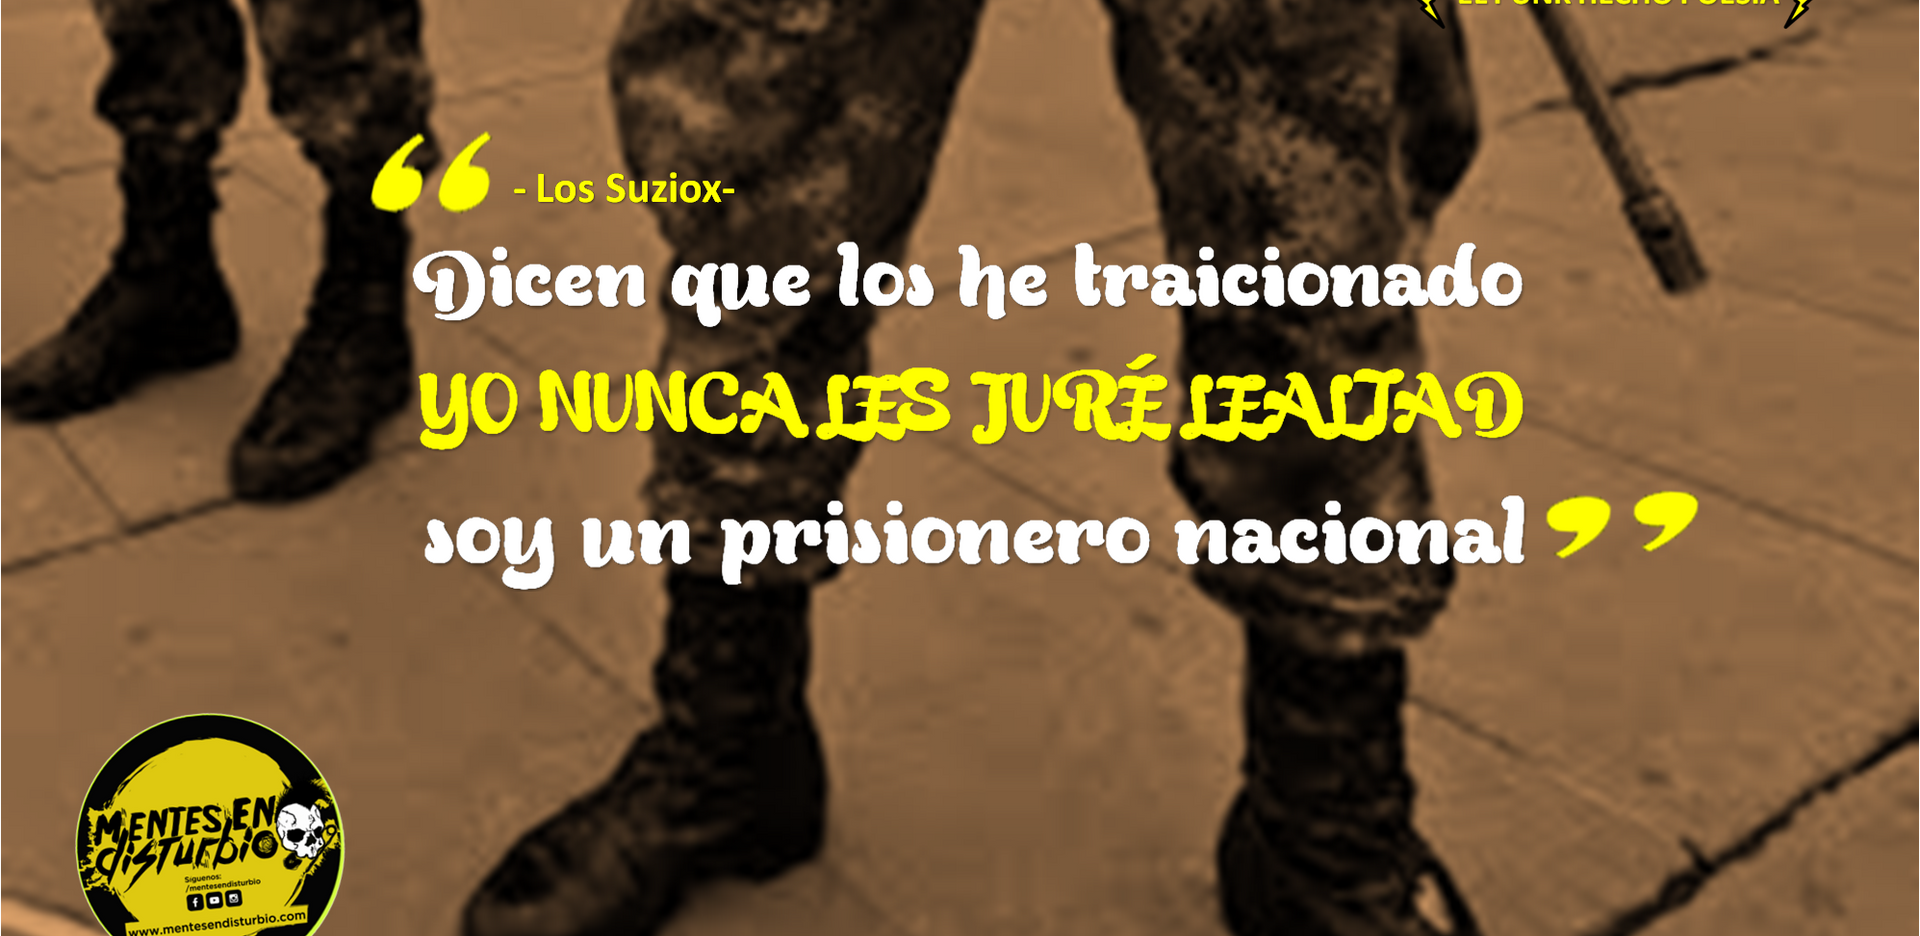 Los Suziox